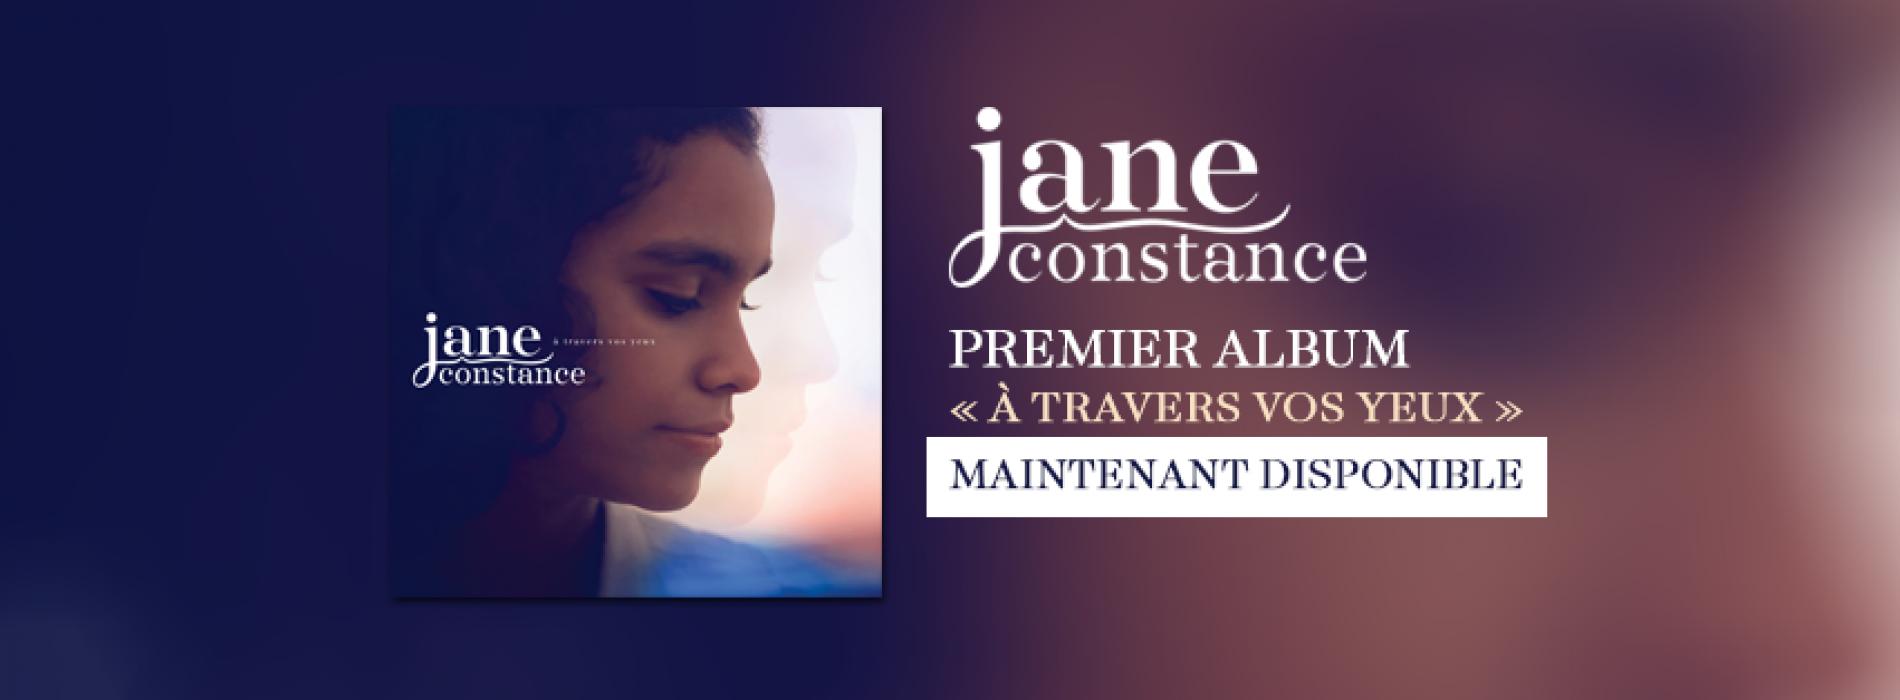 """CLK Découverte : Jane Constance, et son premier album """"A travers vos yeux"""" (The Voice Kids 2)"""